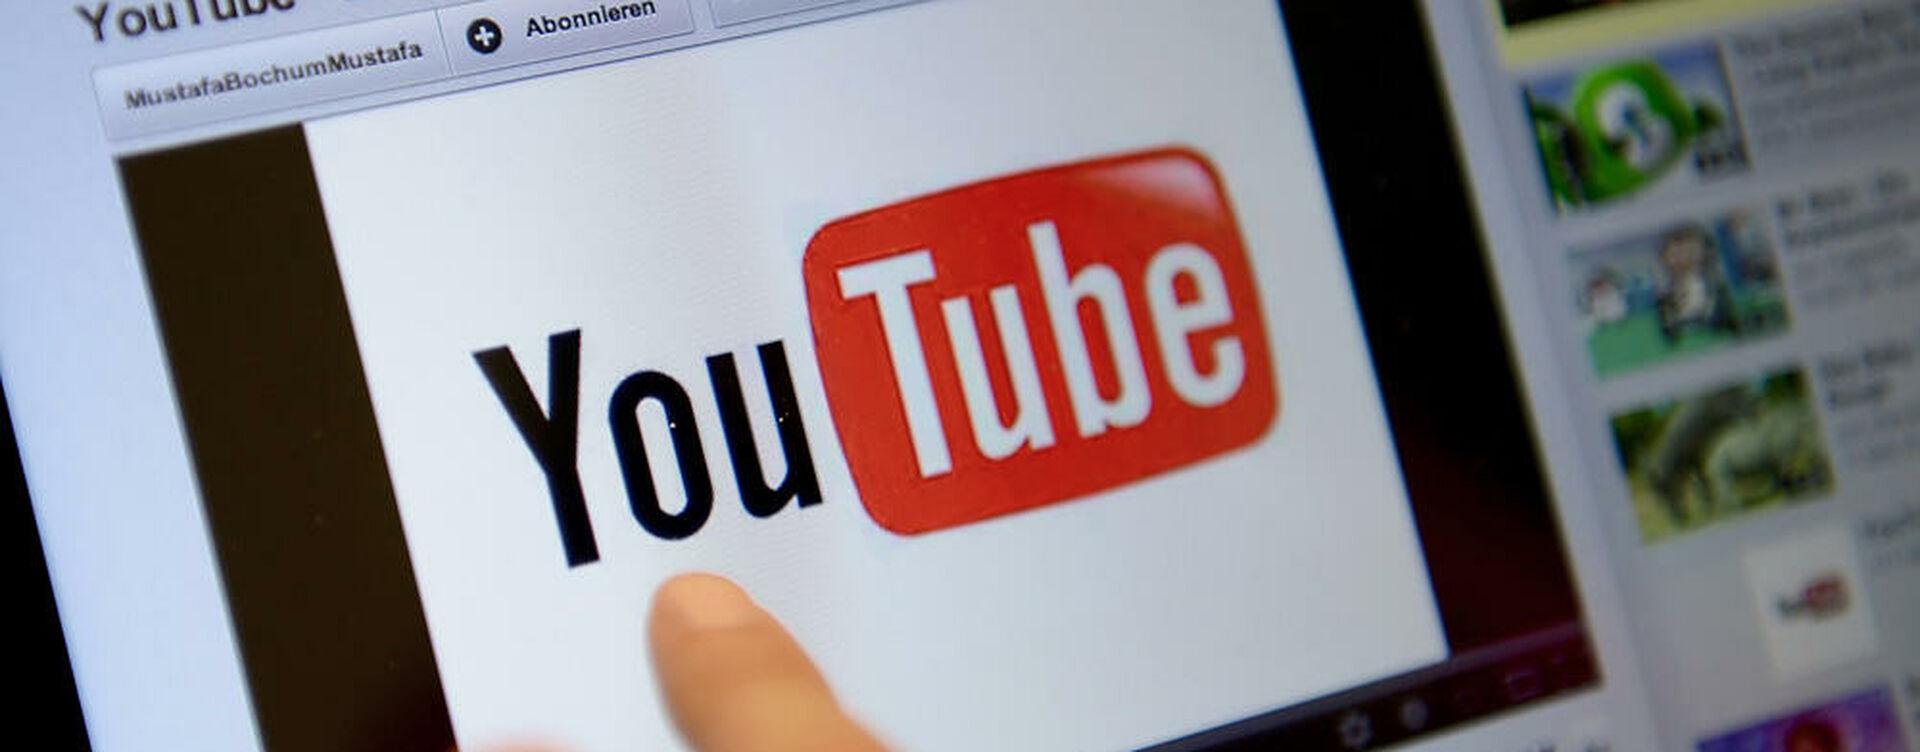 Накрутка подписчиков Ютуб недорого - секрет вывода в топ